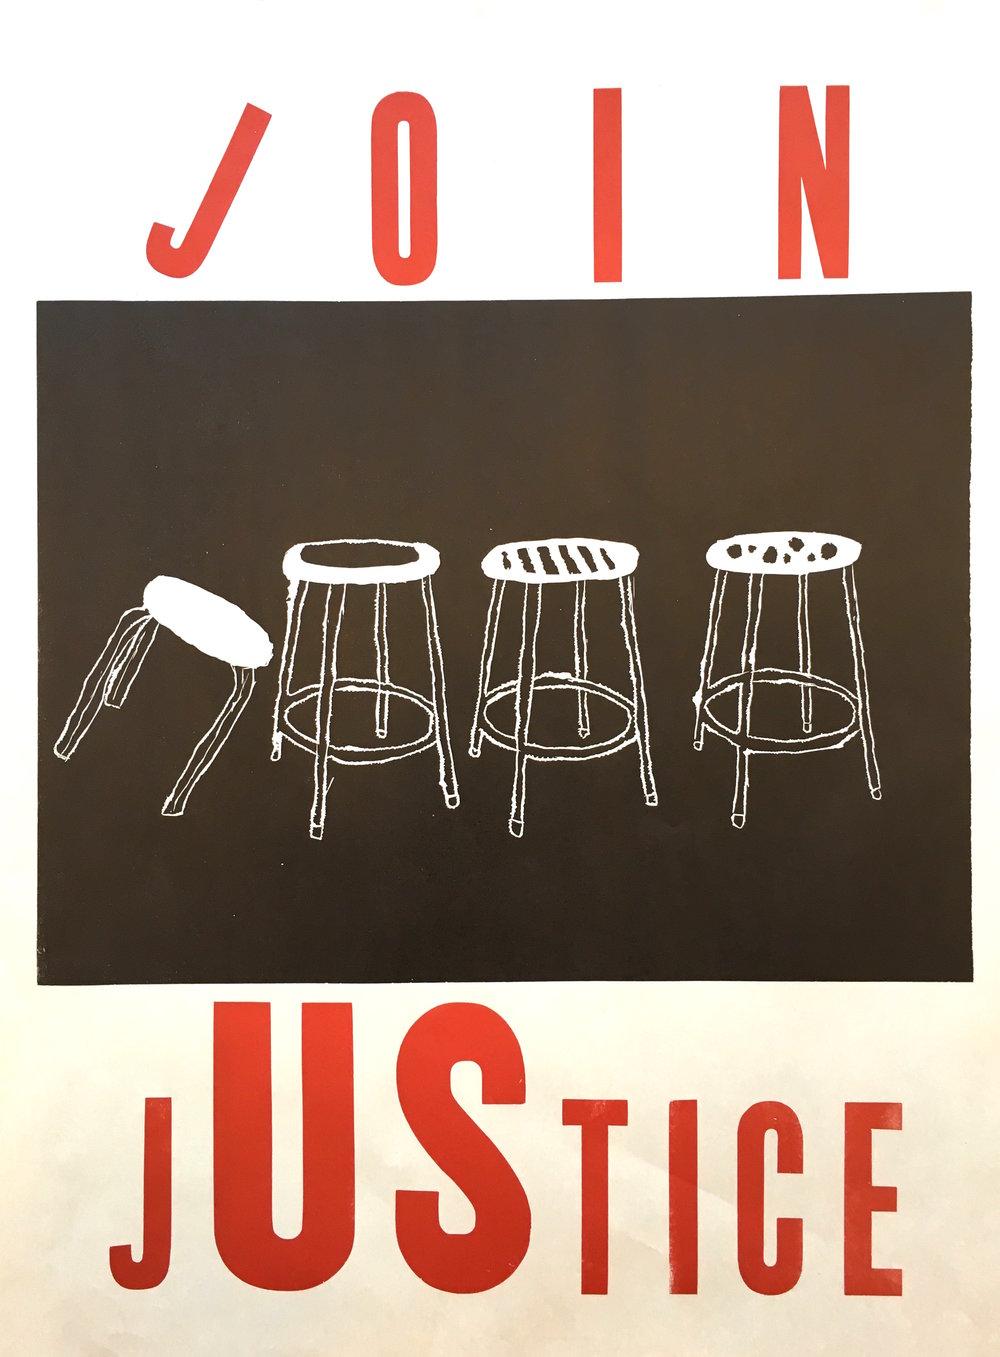 Papalote Justice 6.JPG